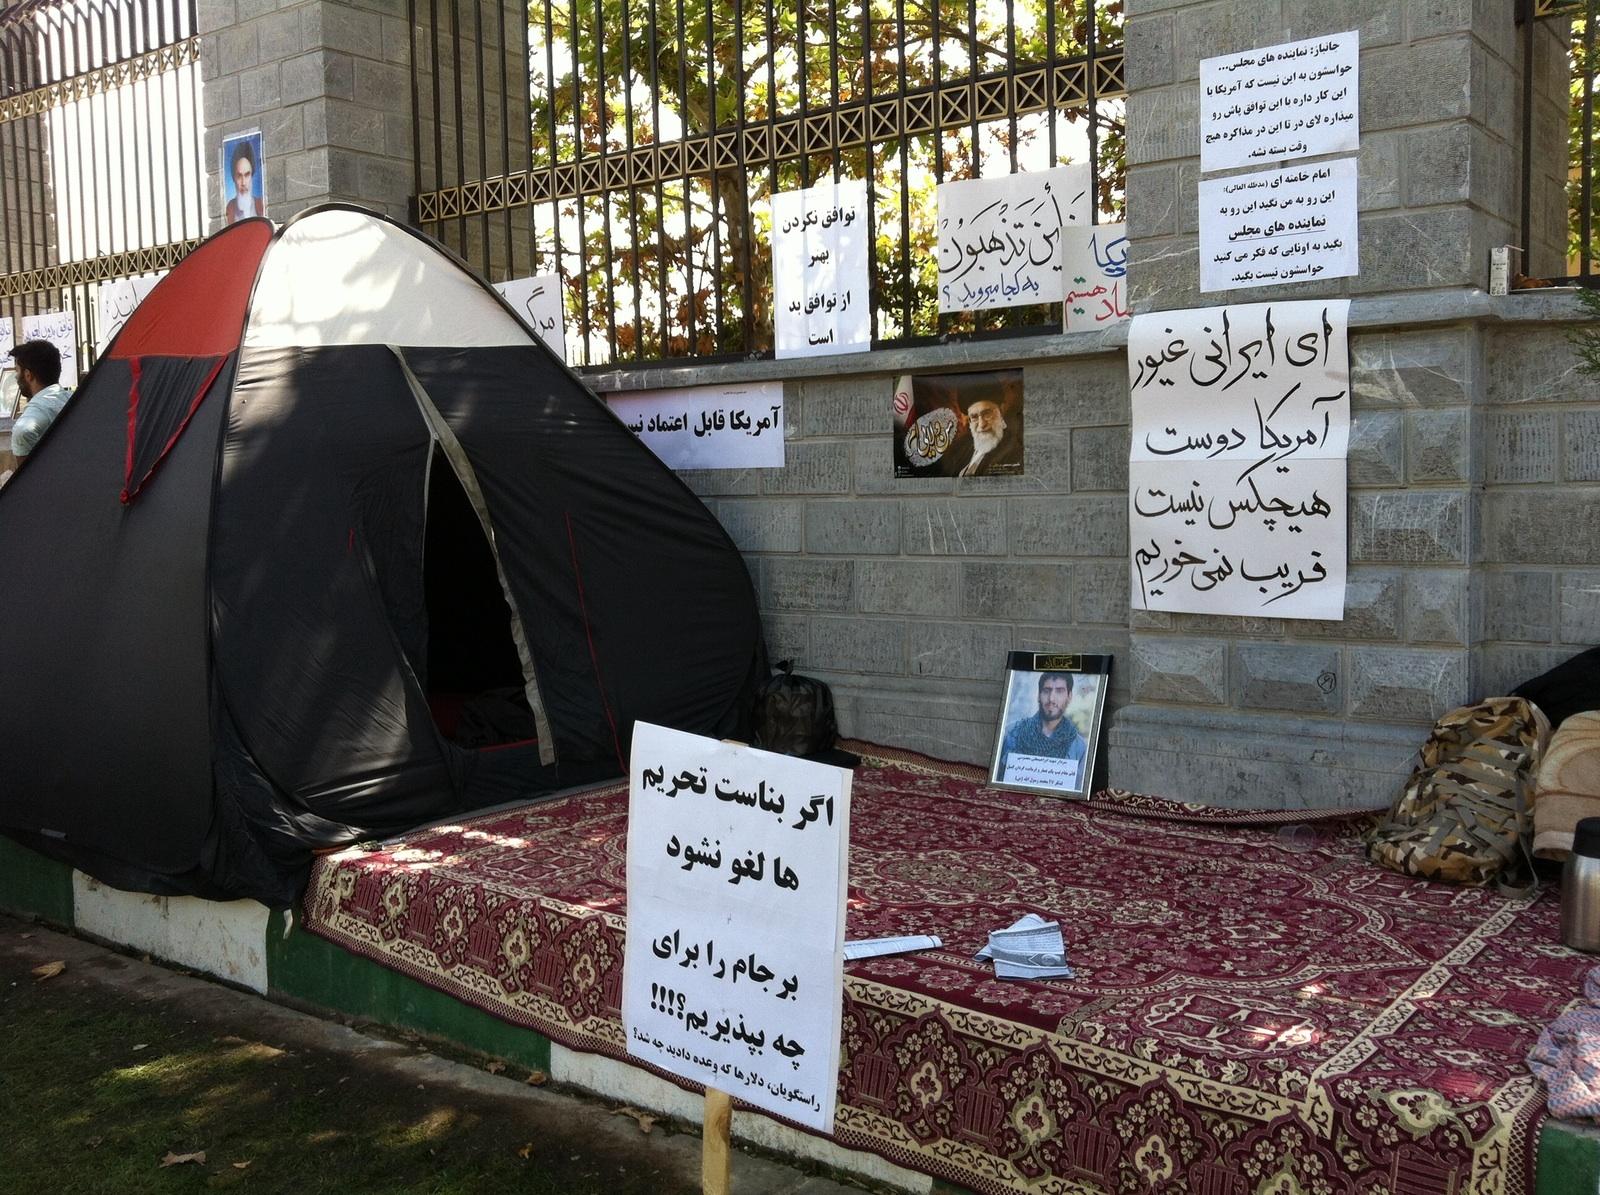 گردهمایی اعتراضی به جزئیات برجام در مقابل بهارستان + فیلم و تصاویر